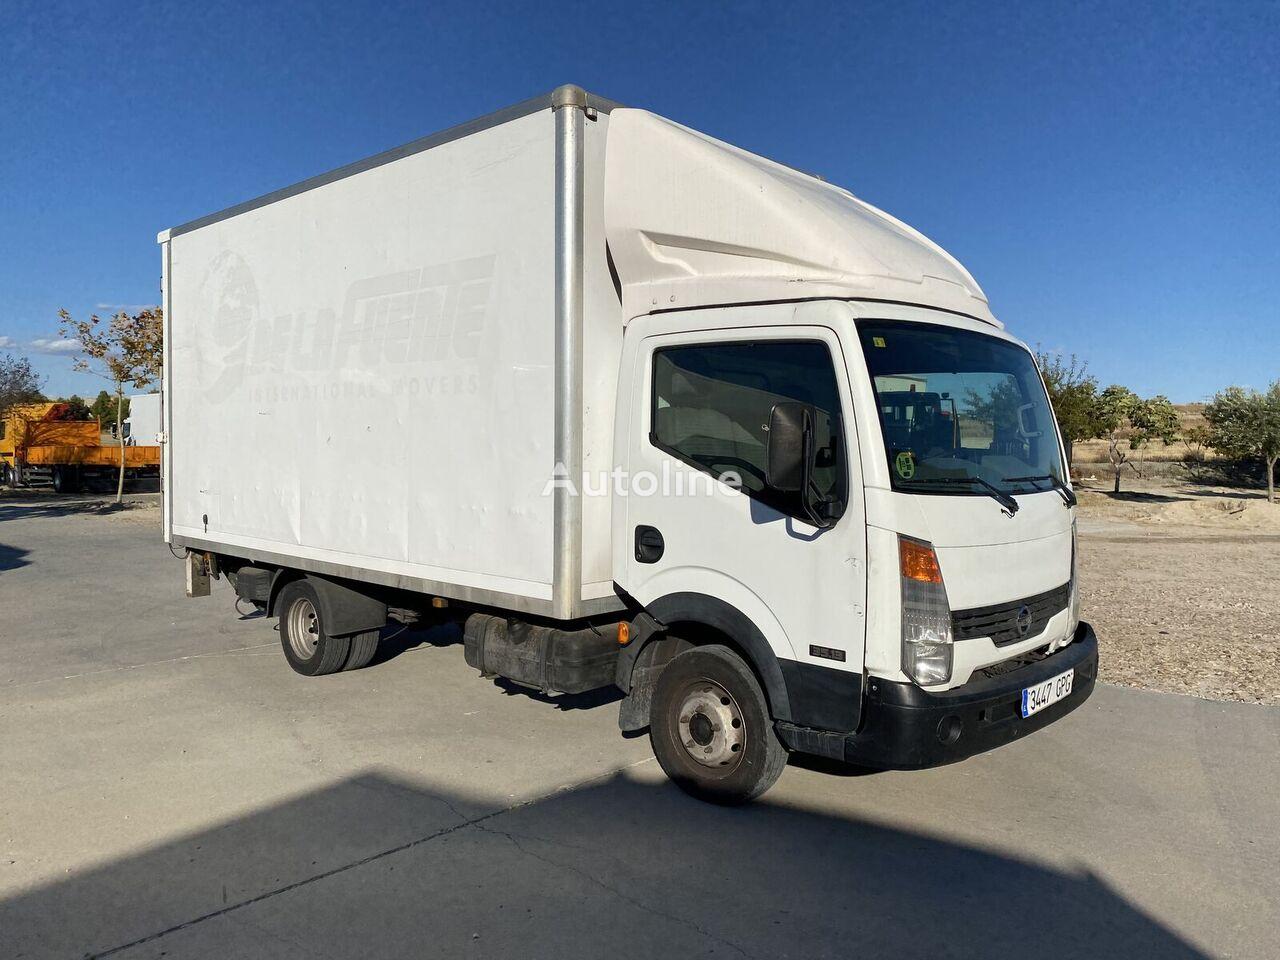 NISSAN Cabstar 35.14 box truck < 3.5t